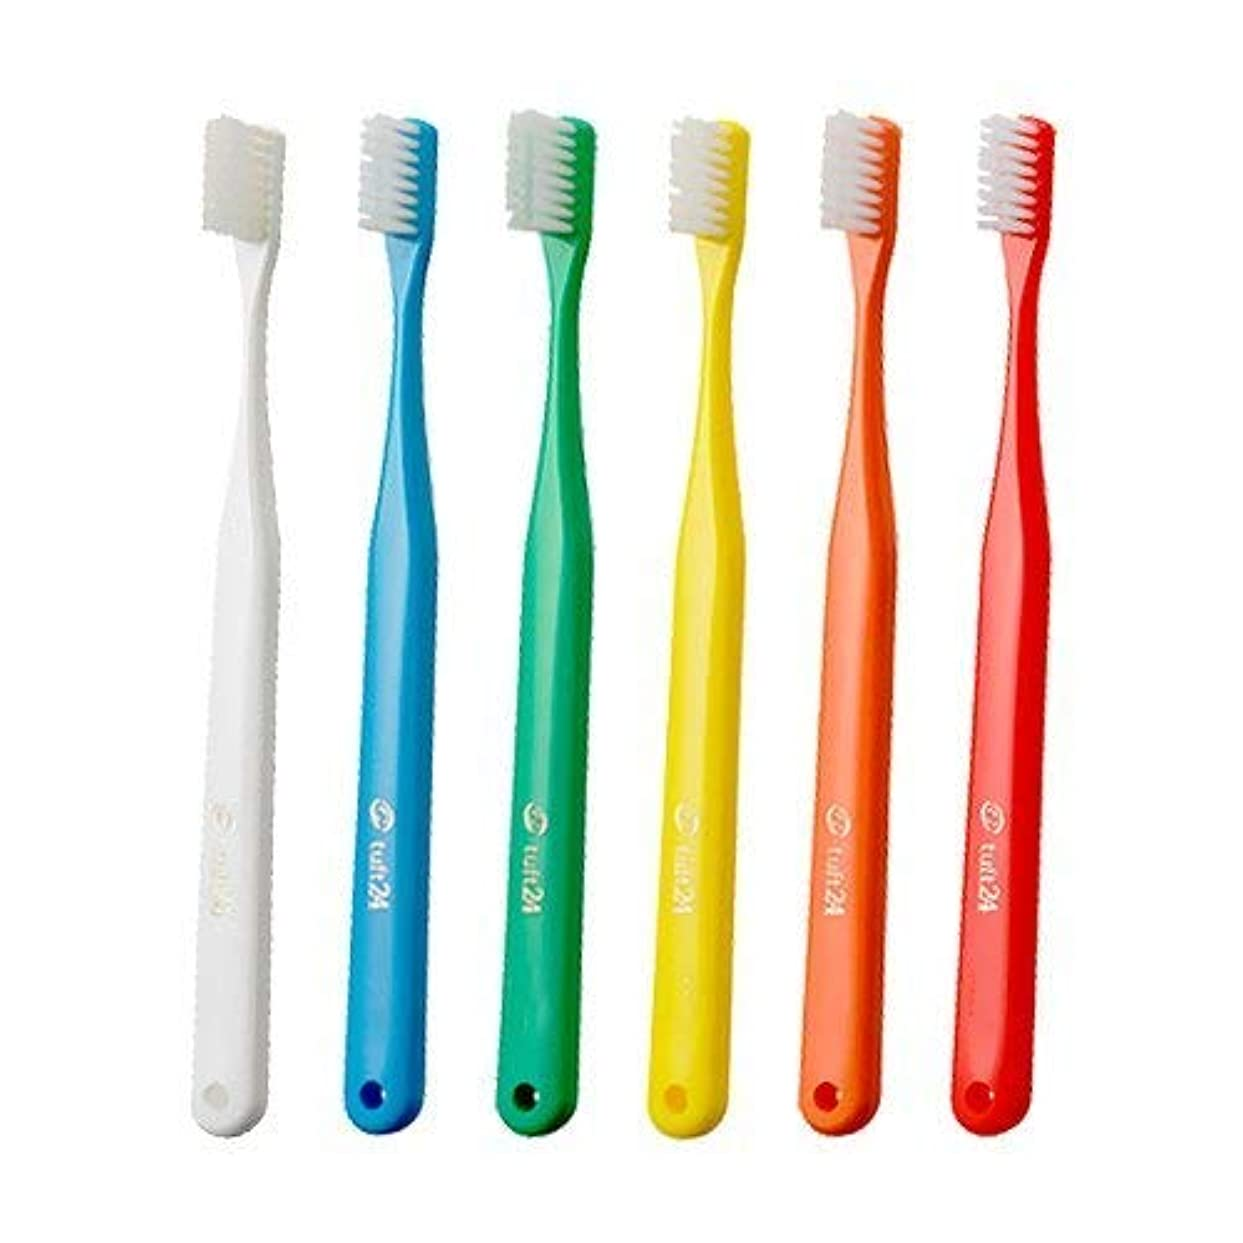 オペレータープラスチック方言キャップなし タフト24 歯ブラシ × 10本 (MS)